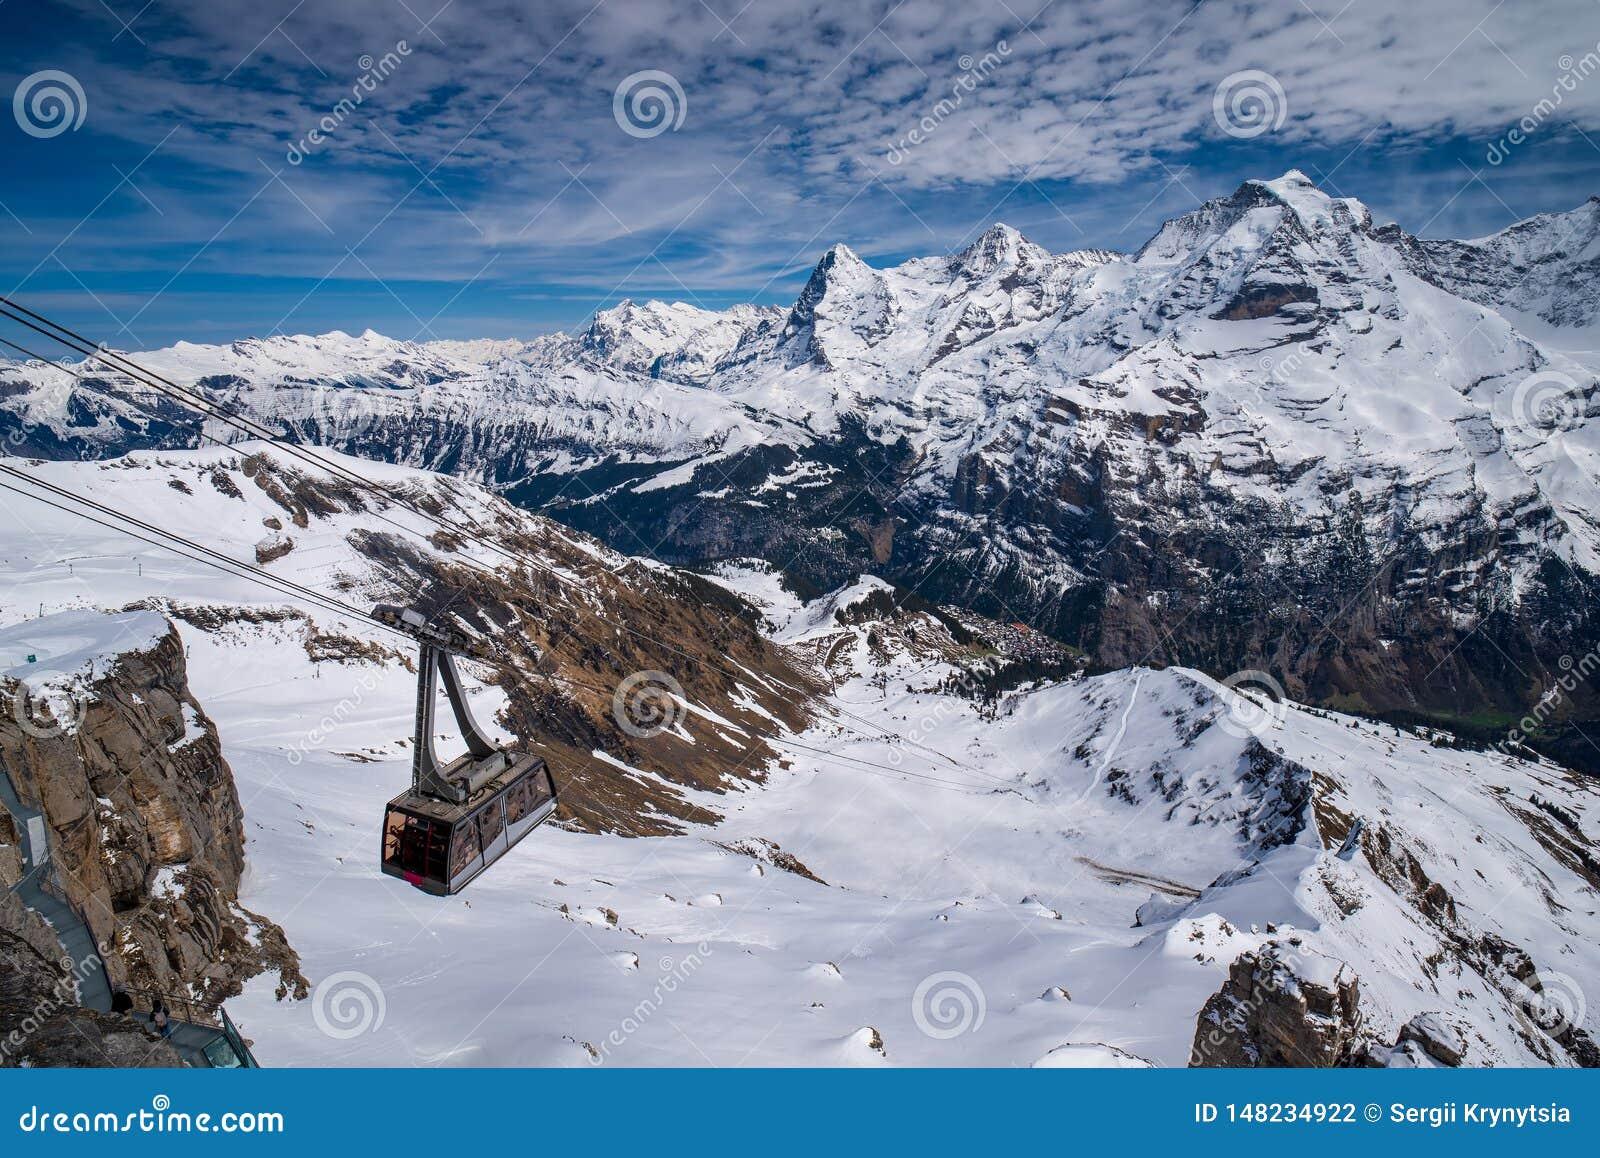 反对著名峰顶埃格尔、莫希峰和少女峰惊人的全景的电车在瑞士阿尔卑斯山脉,瑞士